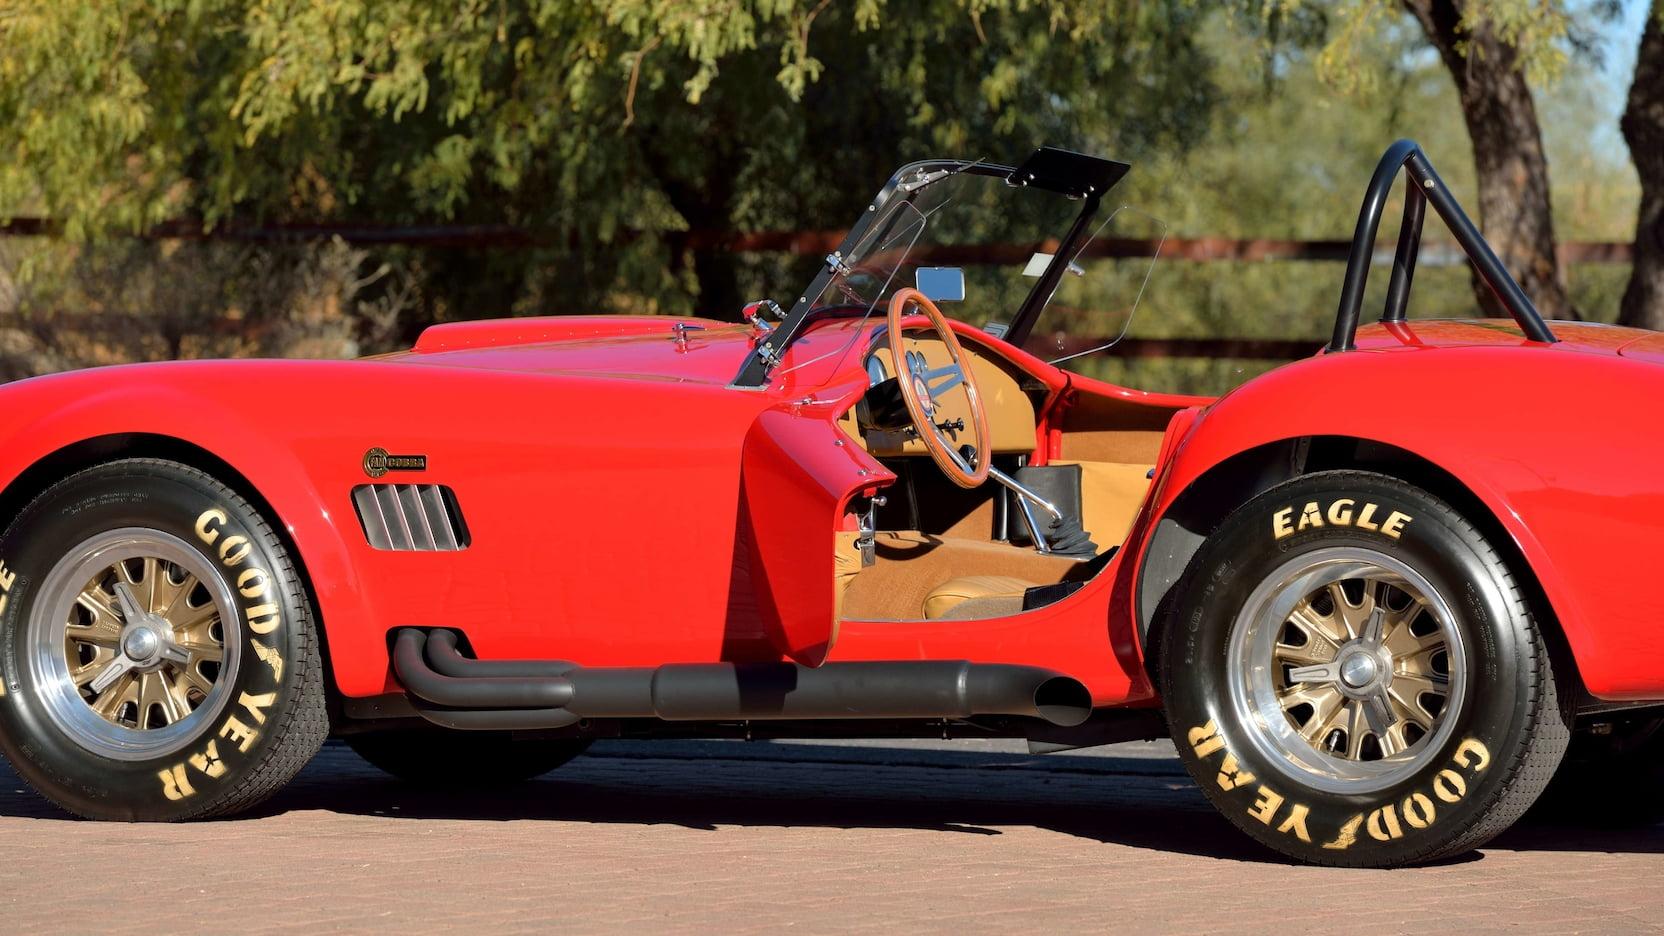 Shelby Cobra - Side View, Open Driver's Seat Door